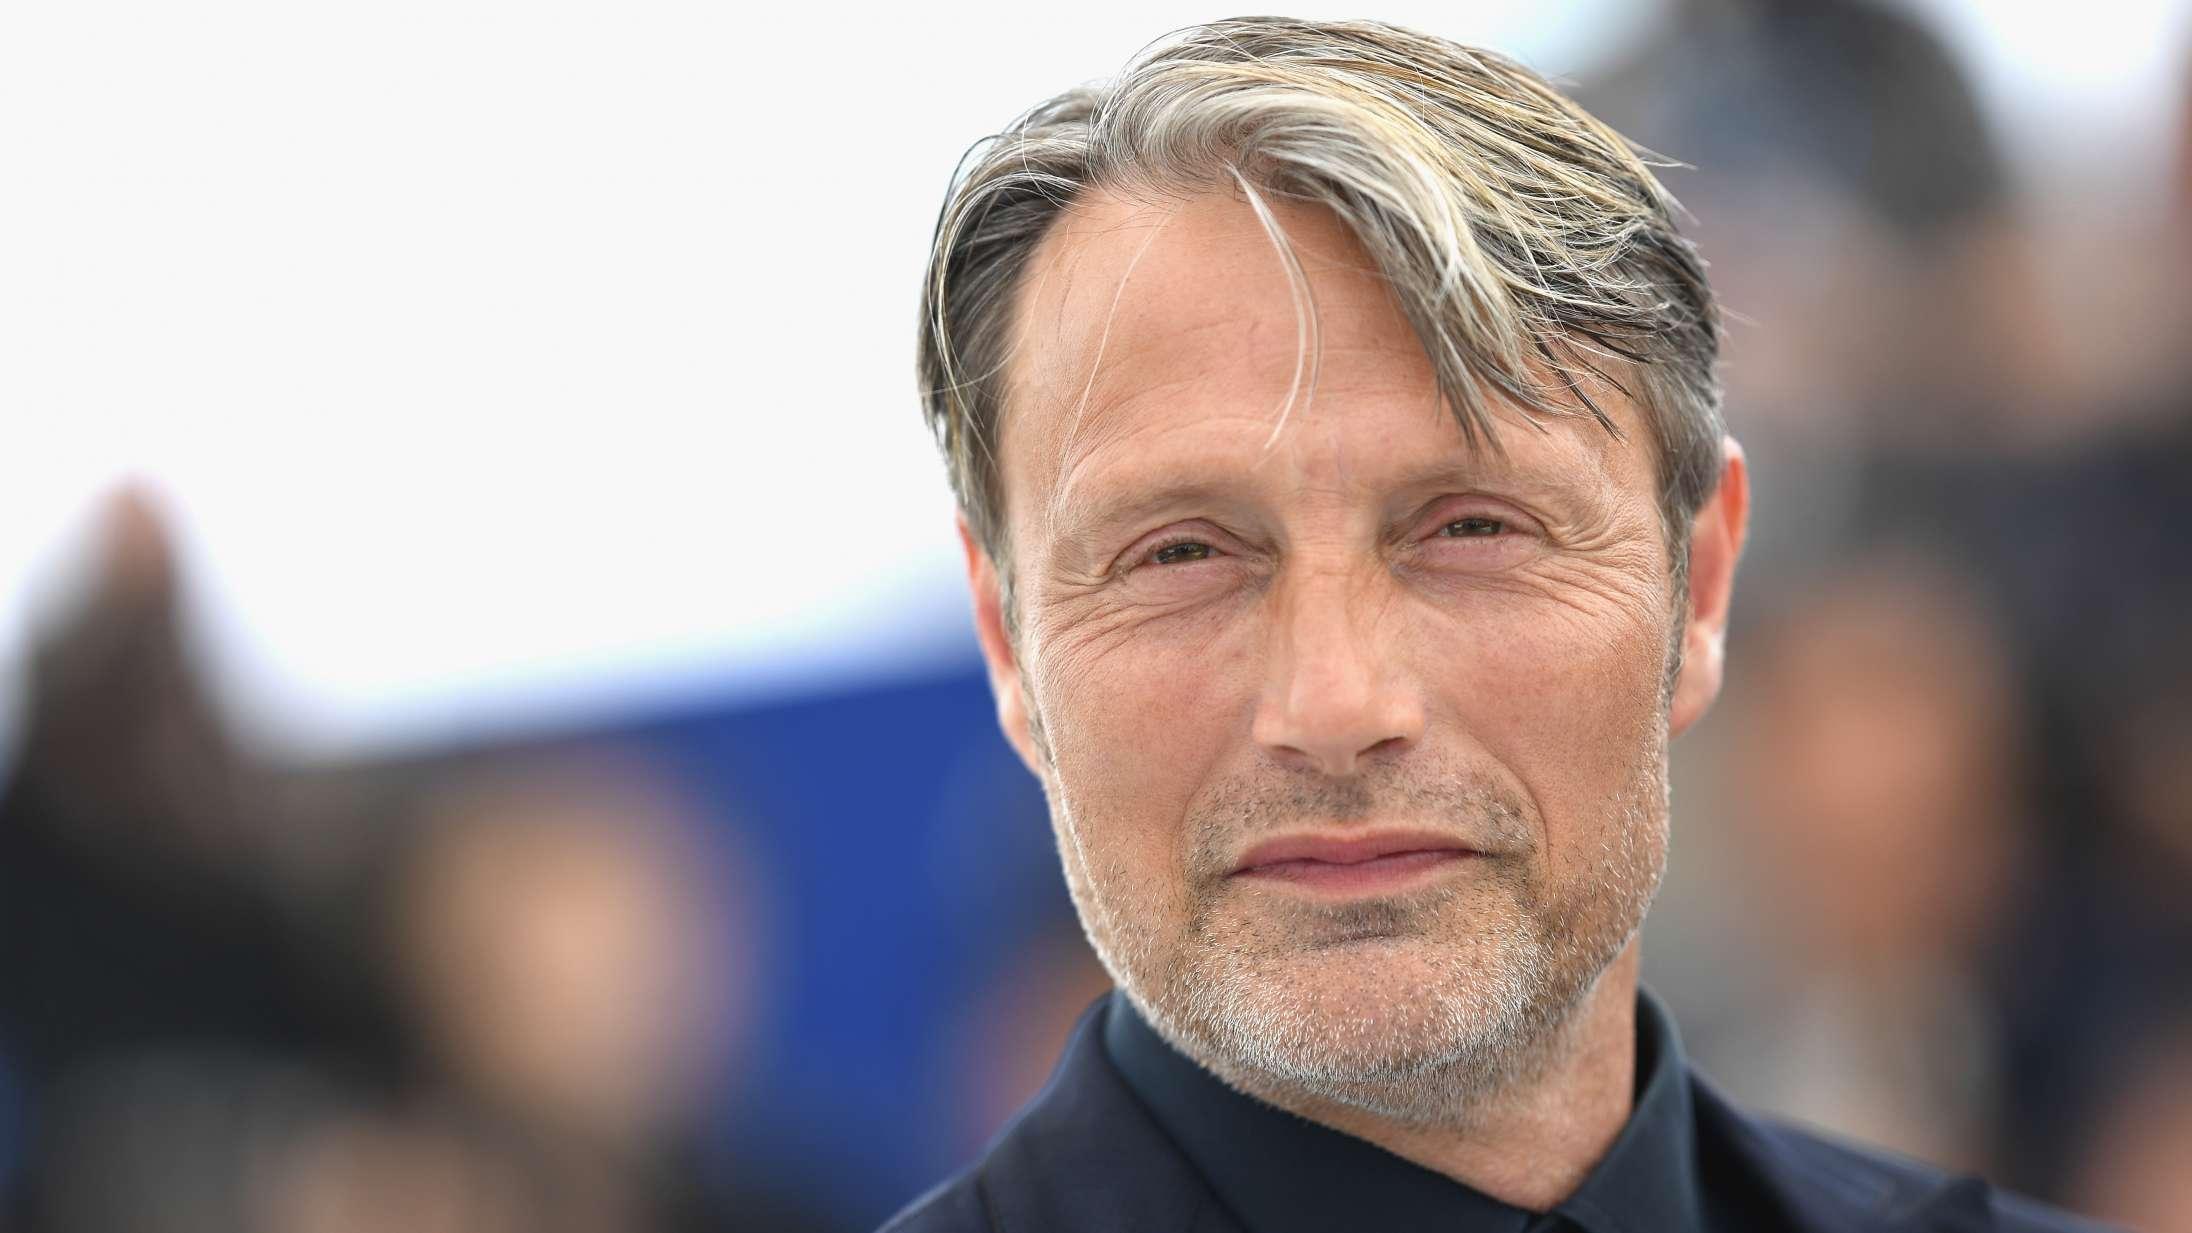 Mads Mikkelsen rygtes som Johnny Depps afløser i 'Fantastiske skabninger 3'